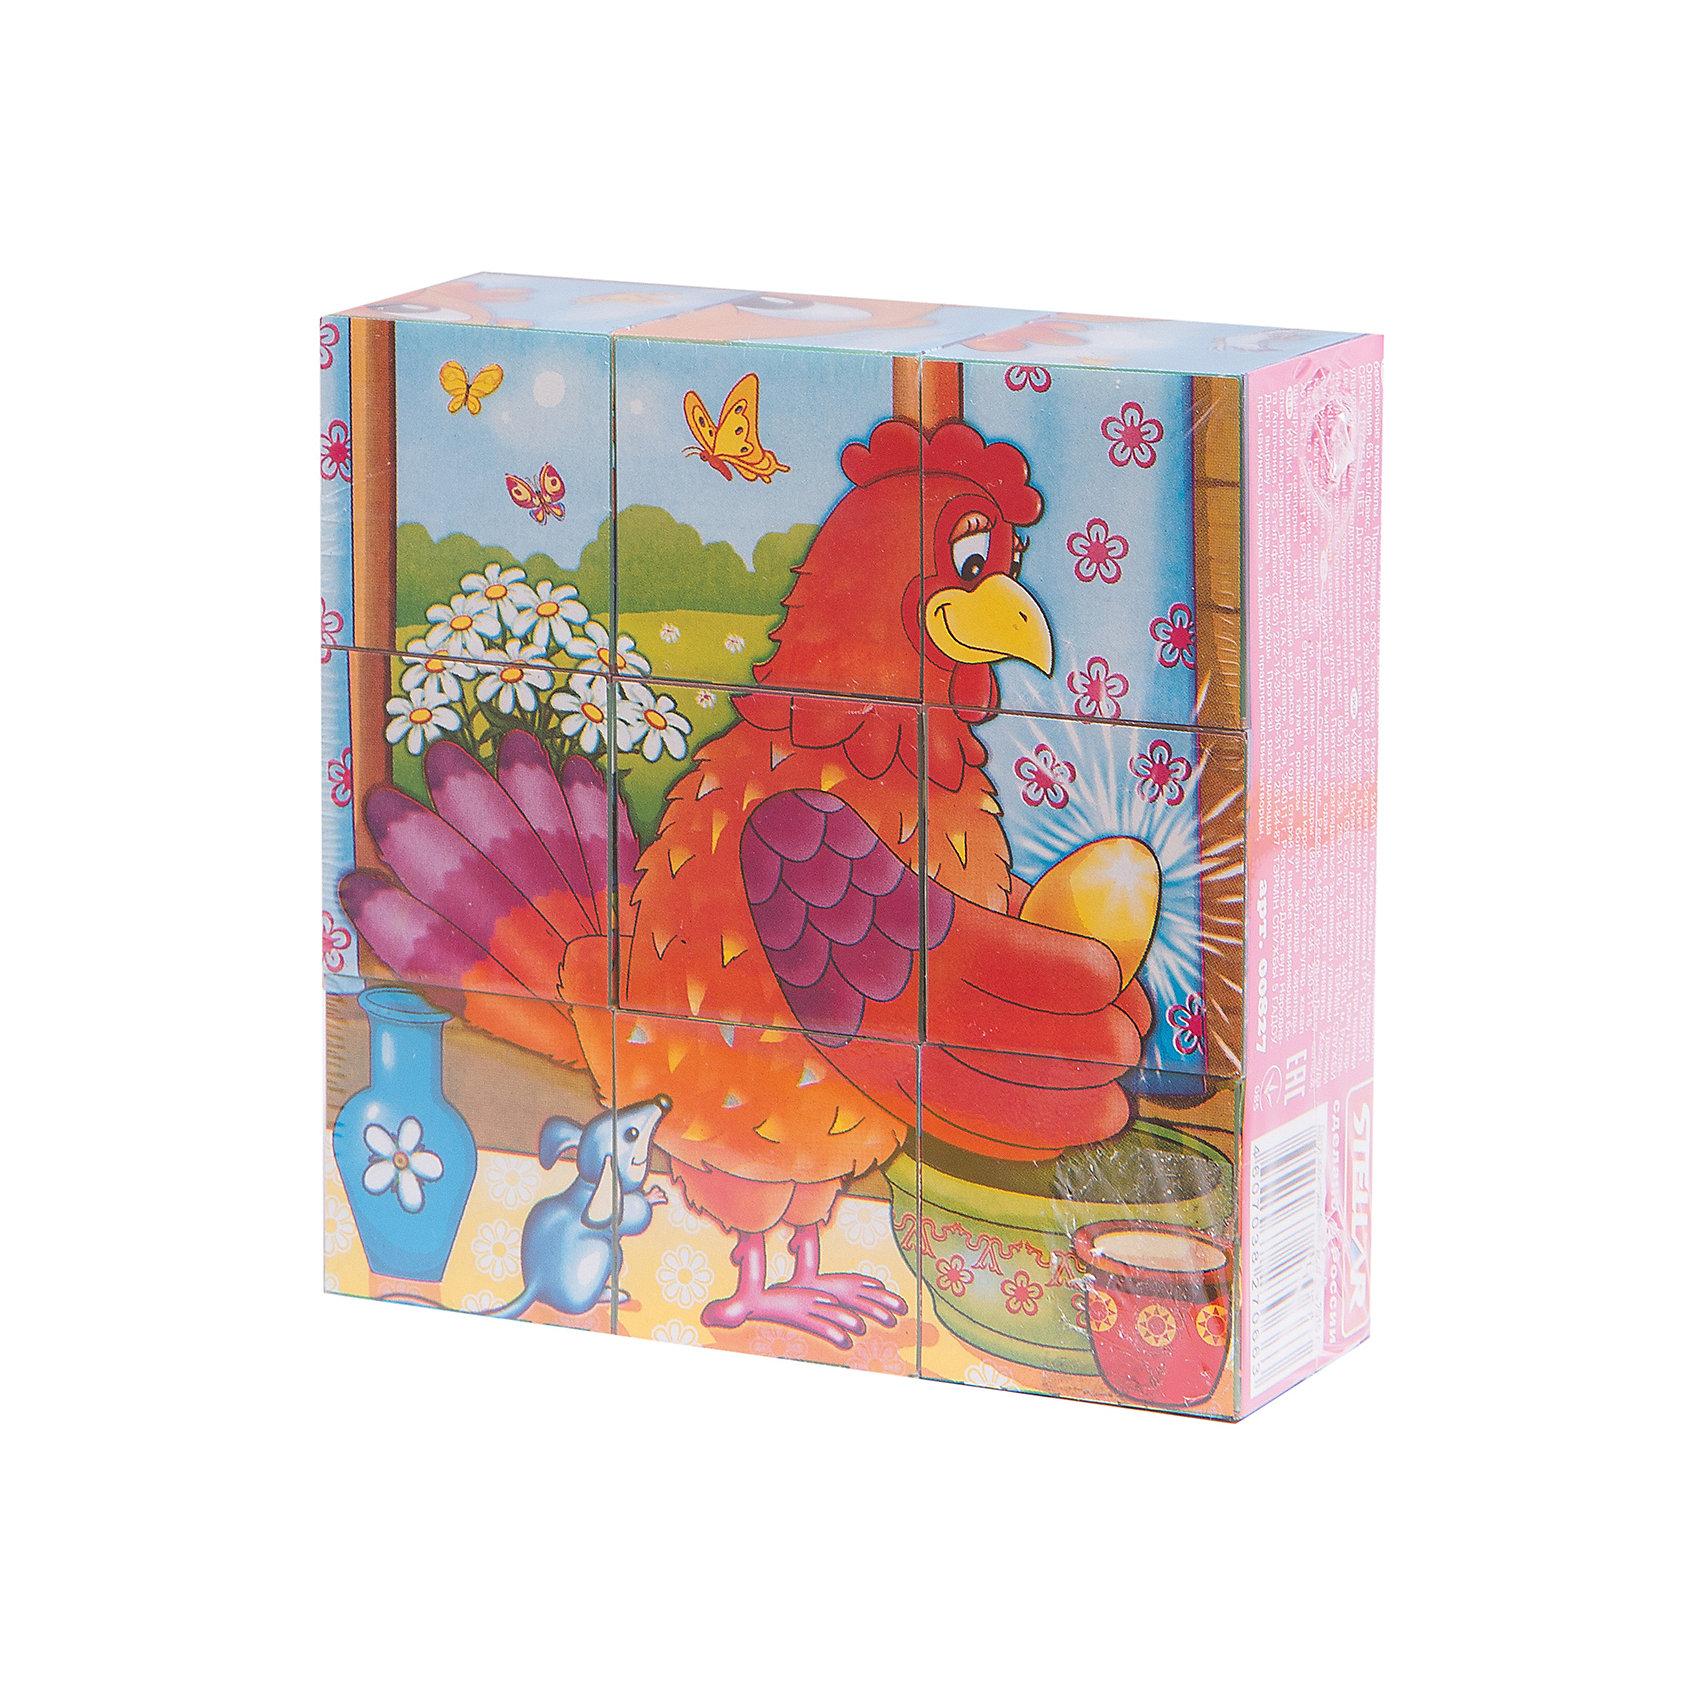 Кубики в картинках 27 (персонажи сказок), СтелларКубики<br>Набор из 9 кубиков на тему Персонажи сказок от Стеллар (Stellar) — увлекательная игра для Вашего ребенка. На каждую грань кубиков наклеены бумажные красочные картинки. Из изображений на кубиках, можно собрать шесть больших сказочных картинок: <br>- Баба Яга<br>- Колобок<br>- Кот в Сапогах<br>- Маугли<br>- Снеговик<br>- Курочка Ряба.<br><br>Игра с такими кубиками позволить тренировать память, внимание и мелкую моторику рук.<br><br>Набор кубиков «Персонажи сказок» надолго увлечет Вашего ребенка!<br><br>Дополнительная информация:<br><br>- В комплекте: 9 кубиков<br>- Материал: полистирол, бумага<br>- Размер кубика: 40 х 40 х 40 мм<br>- Собираемой картинки: 120 х 120 мм<br>- Размер упаковки: 120 х 120 х 40 мм<br>- Вес: 150 г.<br><br>Кубики в картинках 27 (персонажи сказок) от Стеллар (Stellar) можно купить в нашем интернет-магазине.<br><br>Ширина мм: 120<br>Глубина мм: 120<br>Высота мм: 40<br>Вес г: 147<br>Возраст от месяцев: 36<br>Возраст до месяцев: 60<br>Пол: Унисекс<br>Возраст: Детский<br>SKU: 2407045